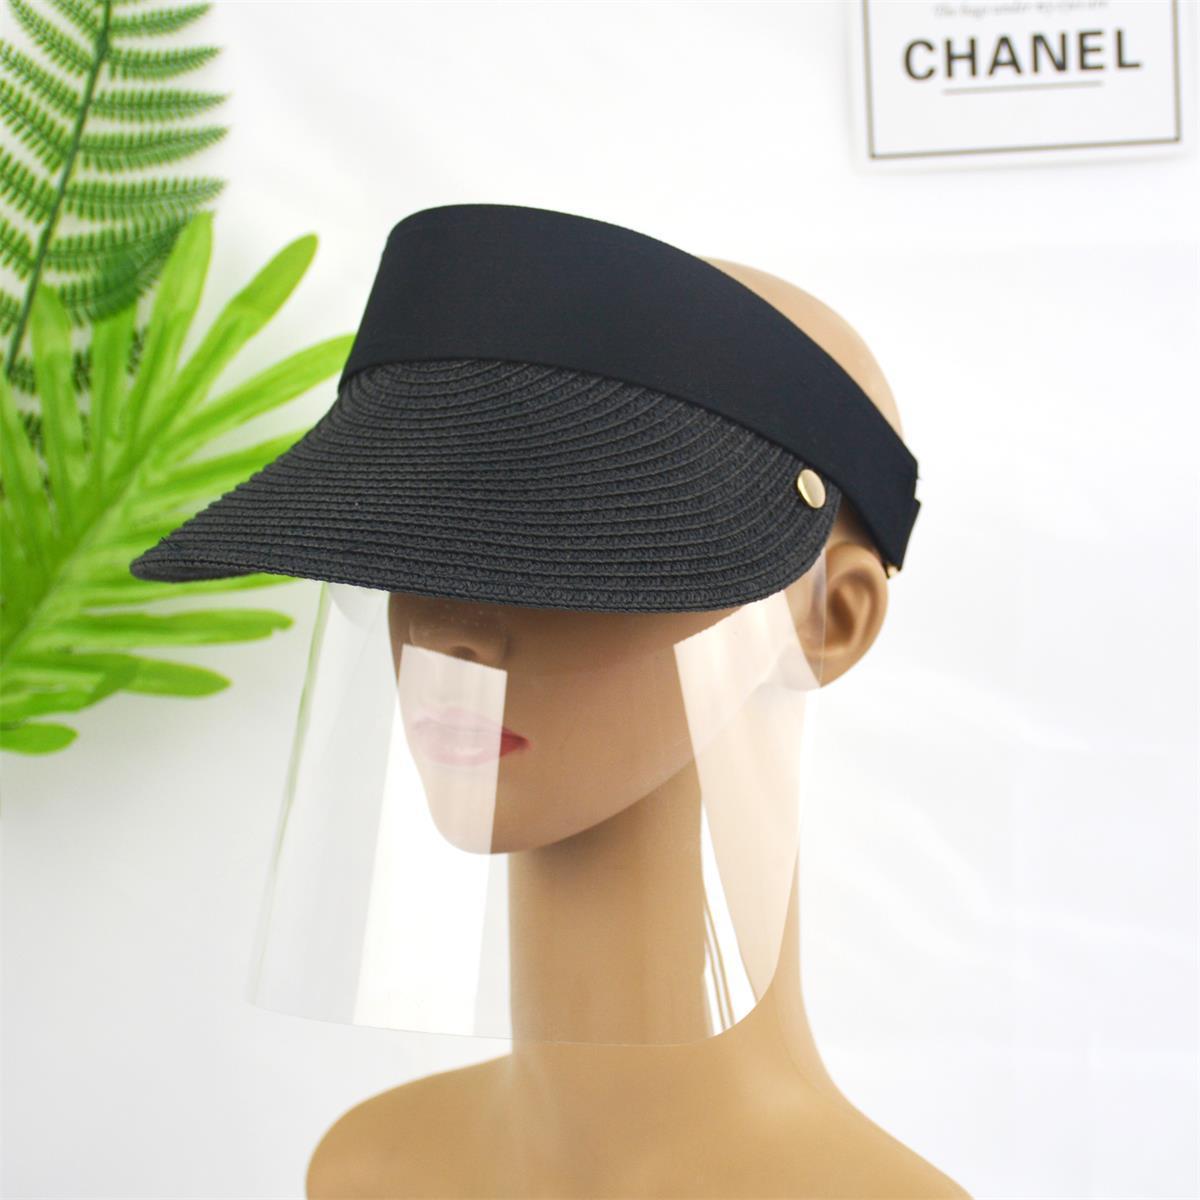 Summery Visor Hat for Spring Season Travels